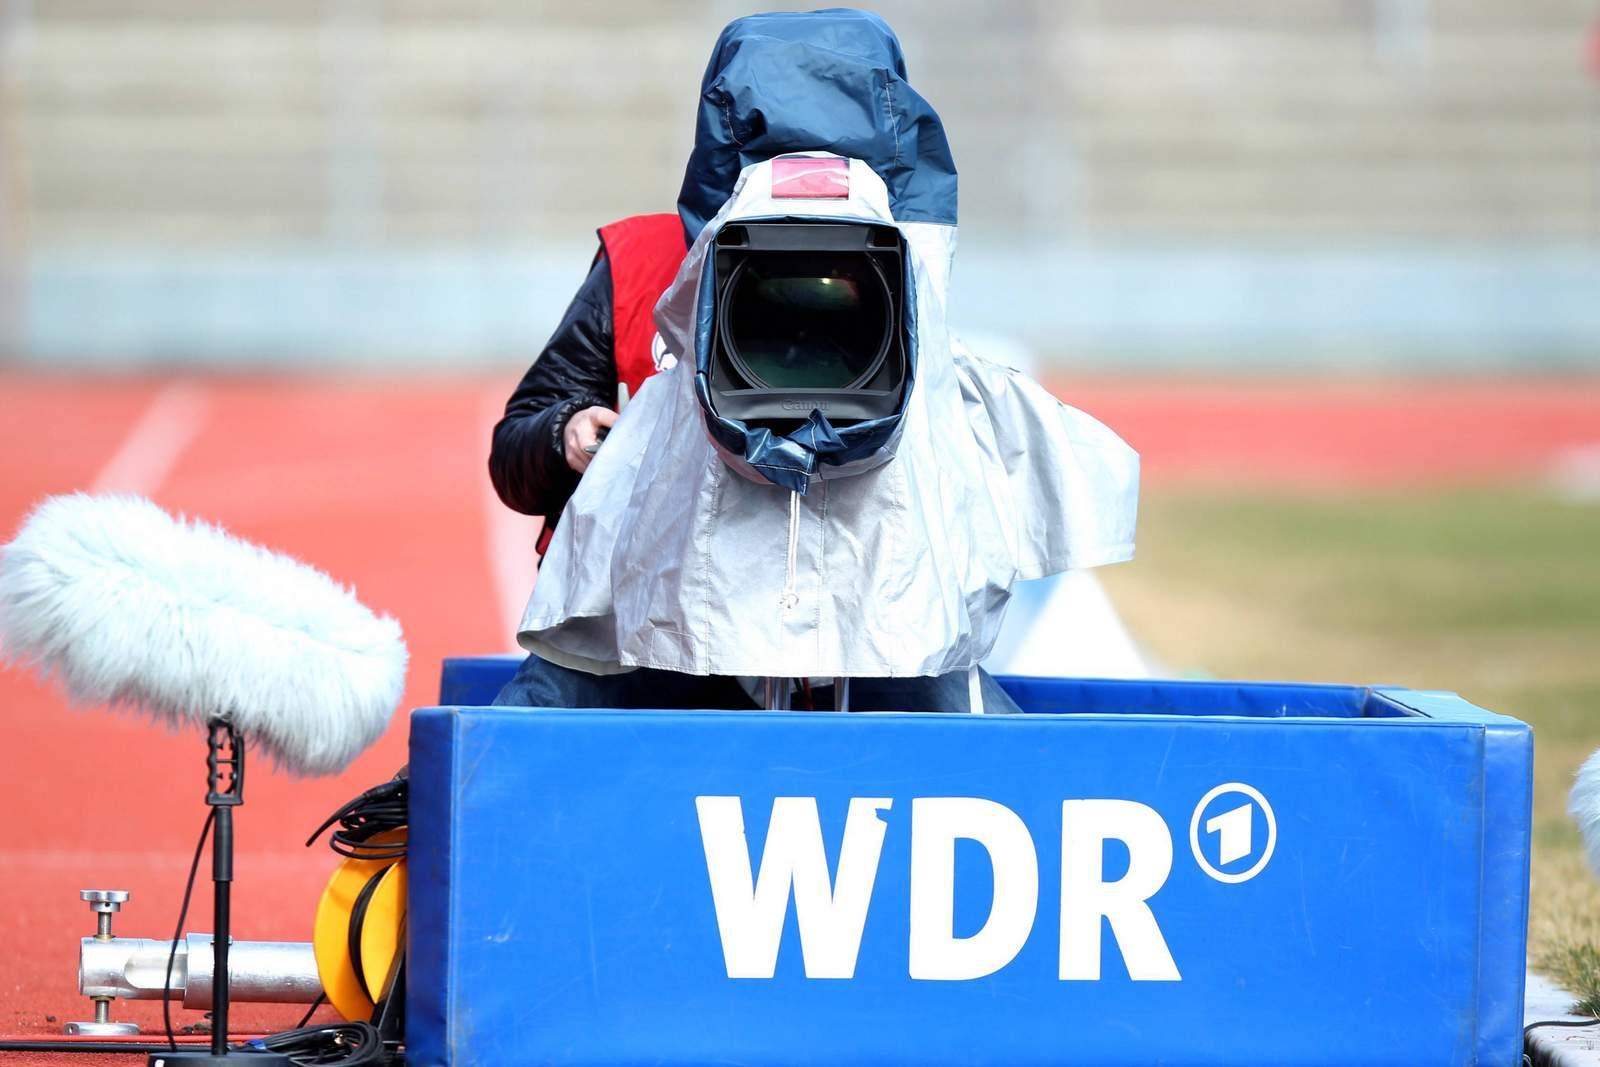 Kameramann vom WDR in der 3. Liga